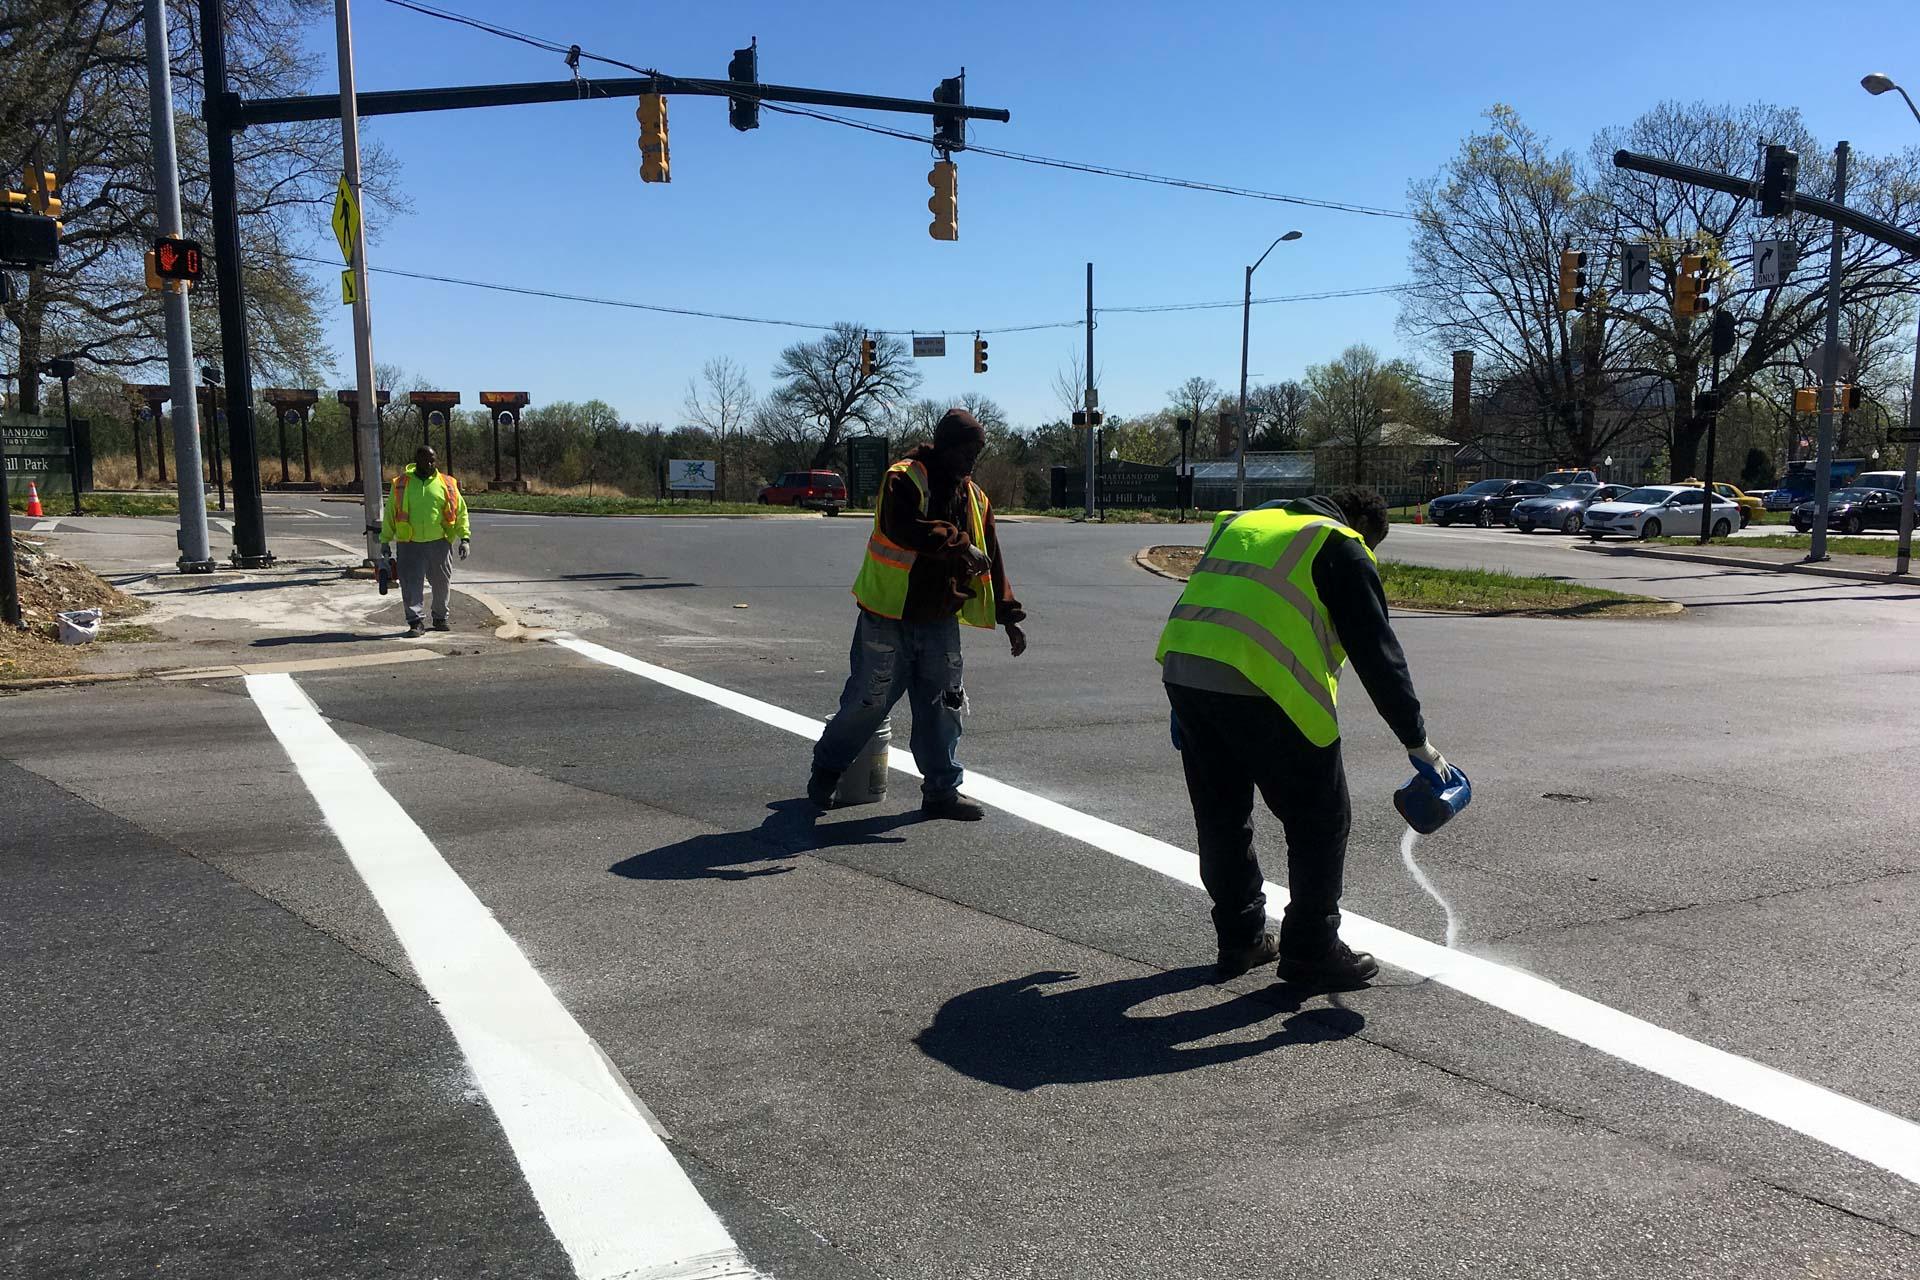 Auchentoroly Gwynns Falls crosswalk repair